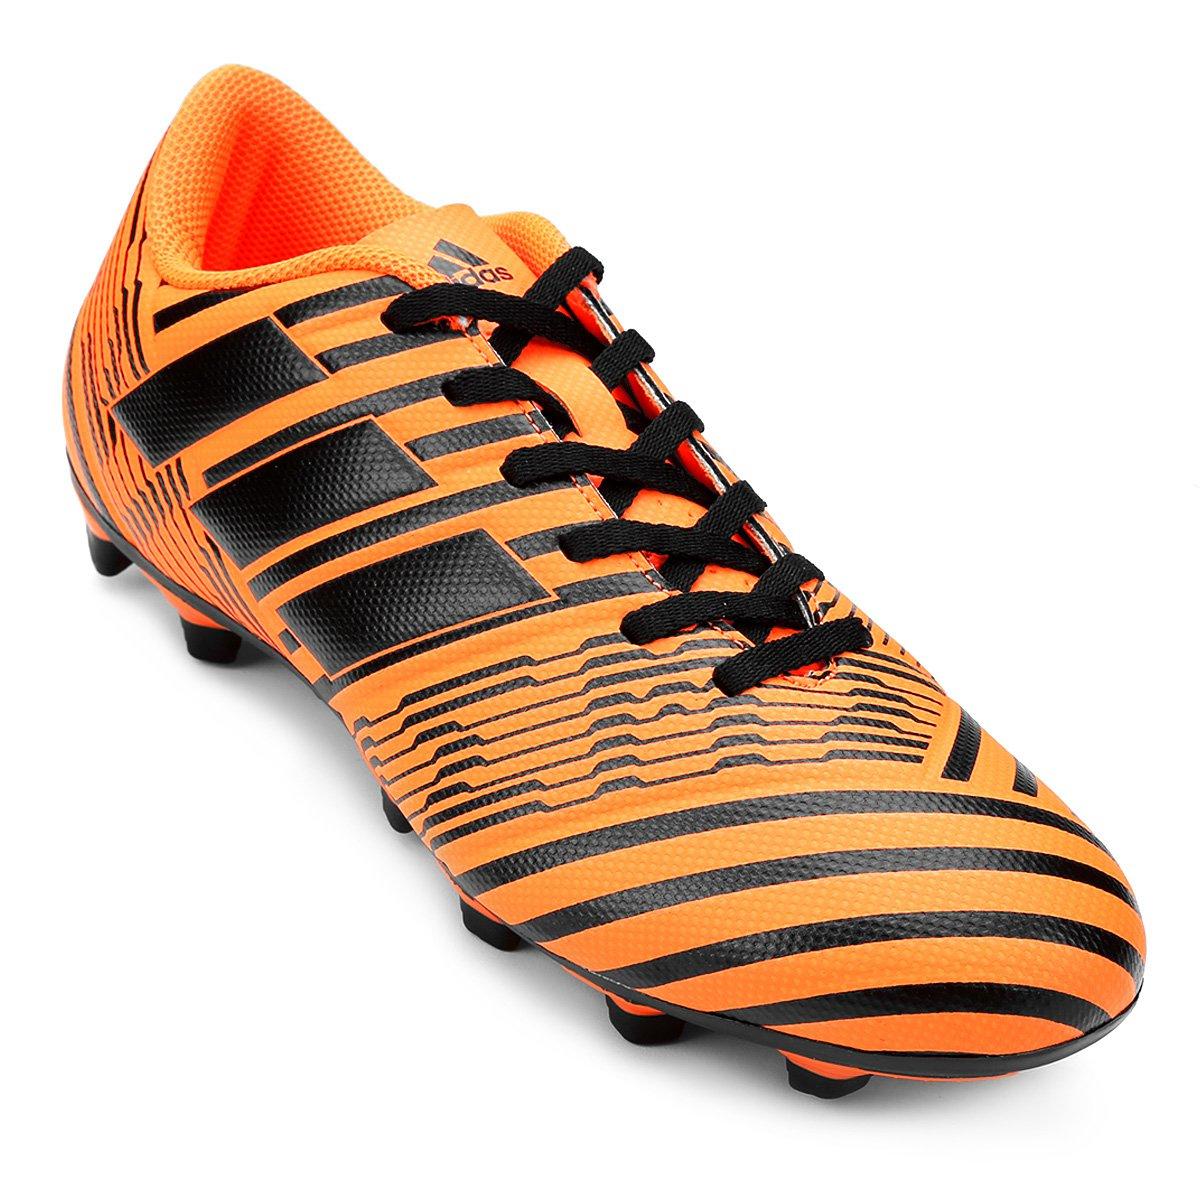 9bc542e0a5c Chuteira Campo Adidas Nemeziz 17.4 FXG - Compre Agora